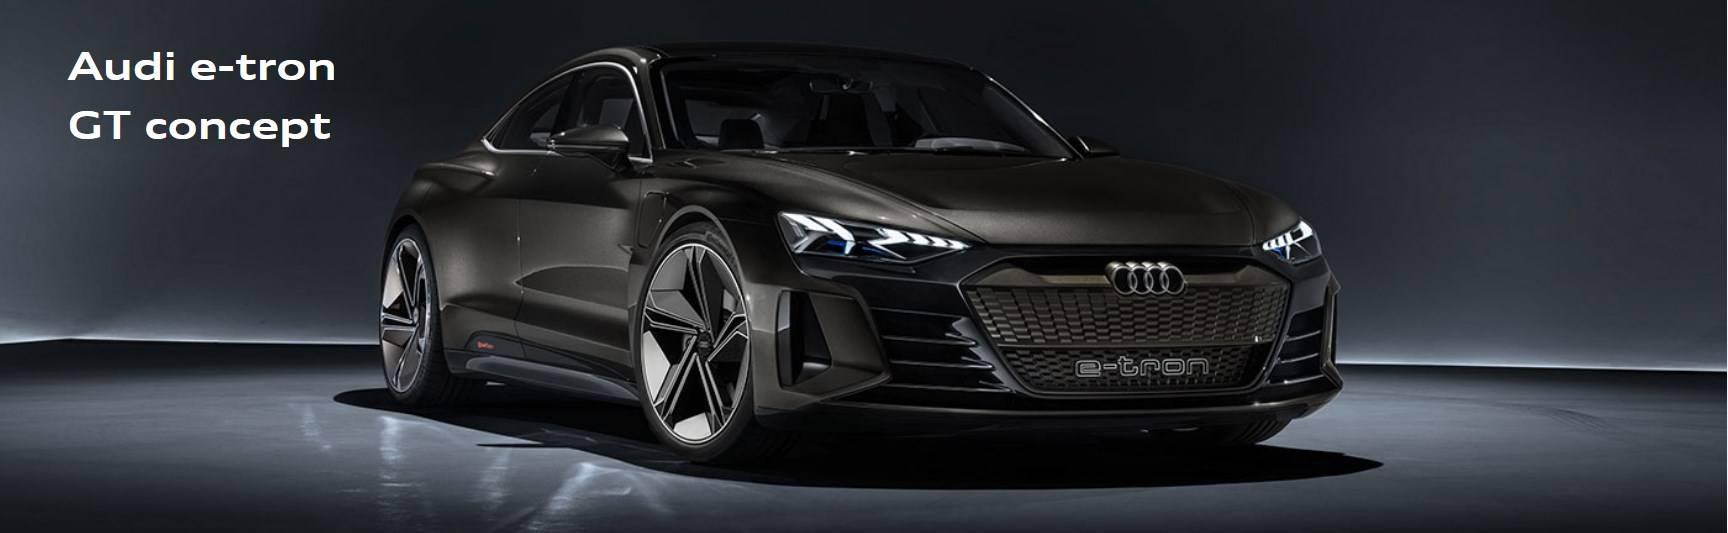 Audi e-tron GT concept photo 1